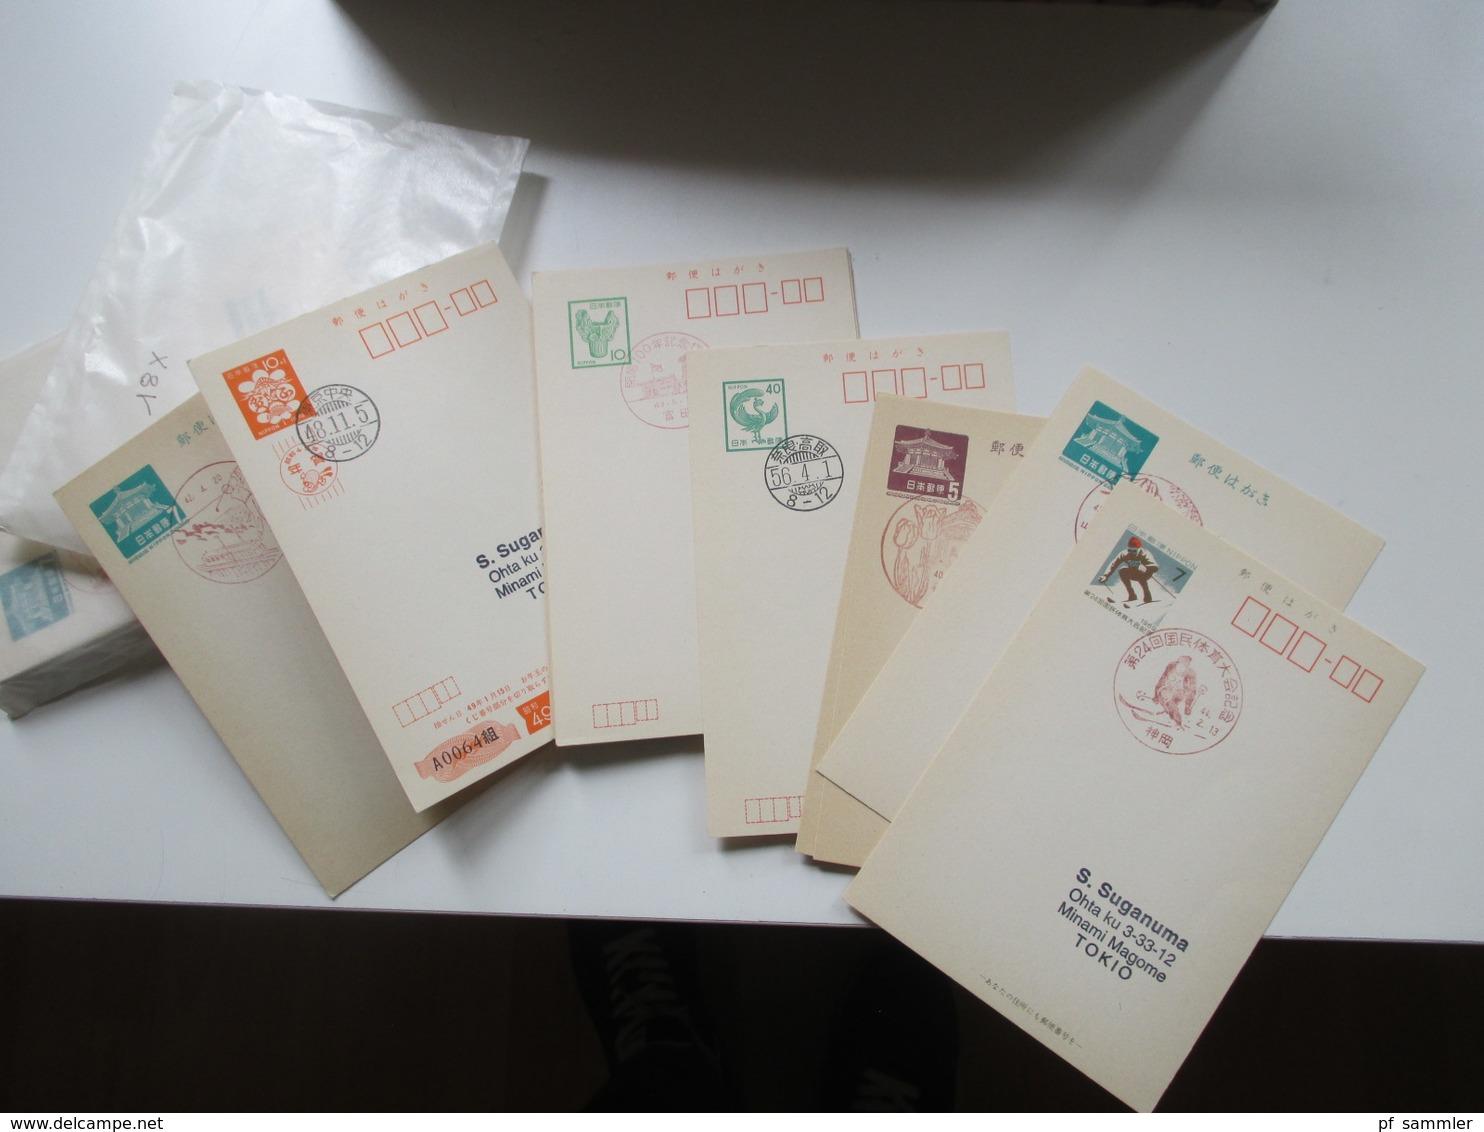 Japan 1970 / 80er Jahre Ganzsachen Mit SST Ungelaufen! Ca. 2000 - 2200 Stück! Verschiedene Motive / Stempel. Fundgrube!! - Stamps